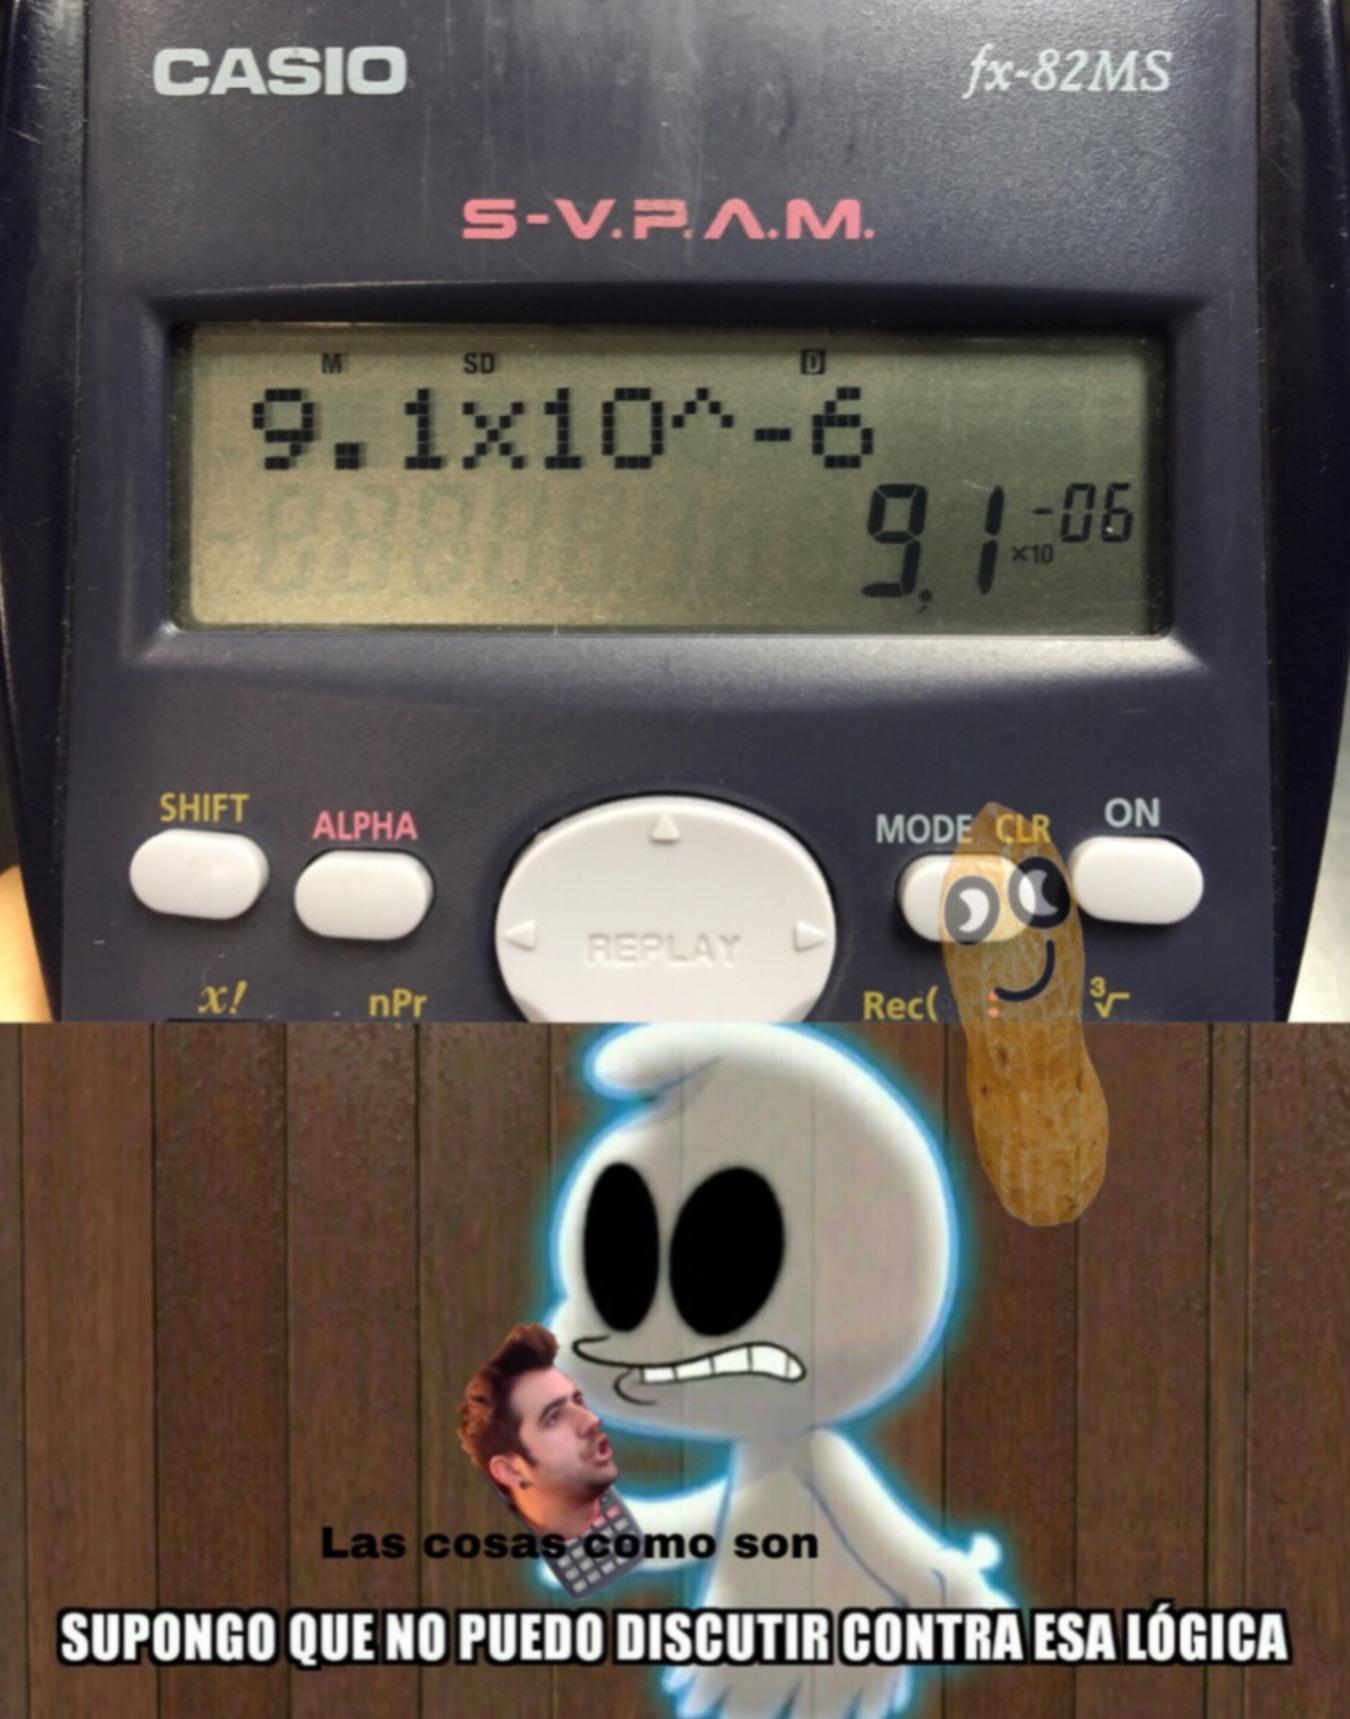 puta la wea calculadora ql - meme